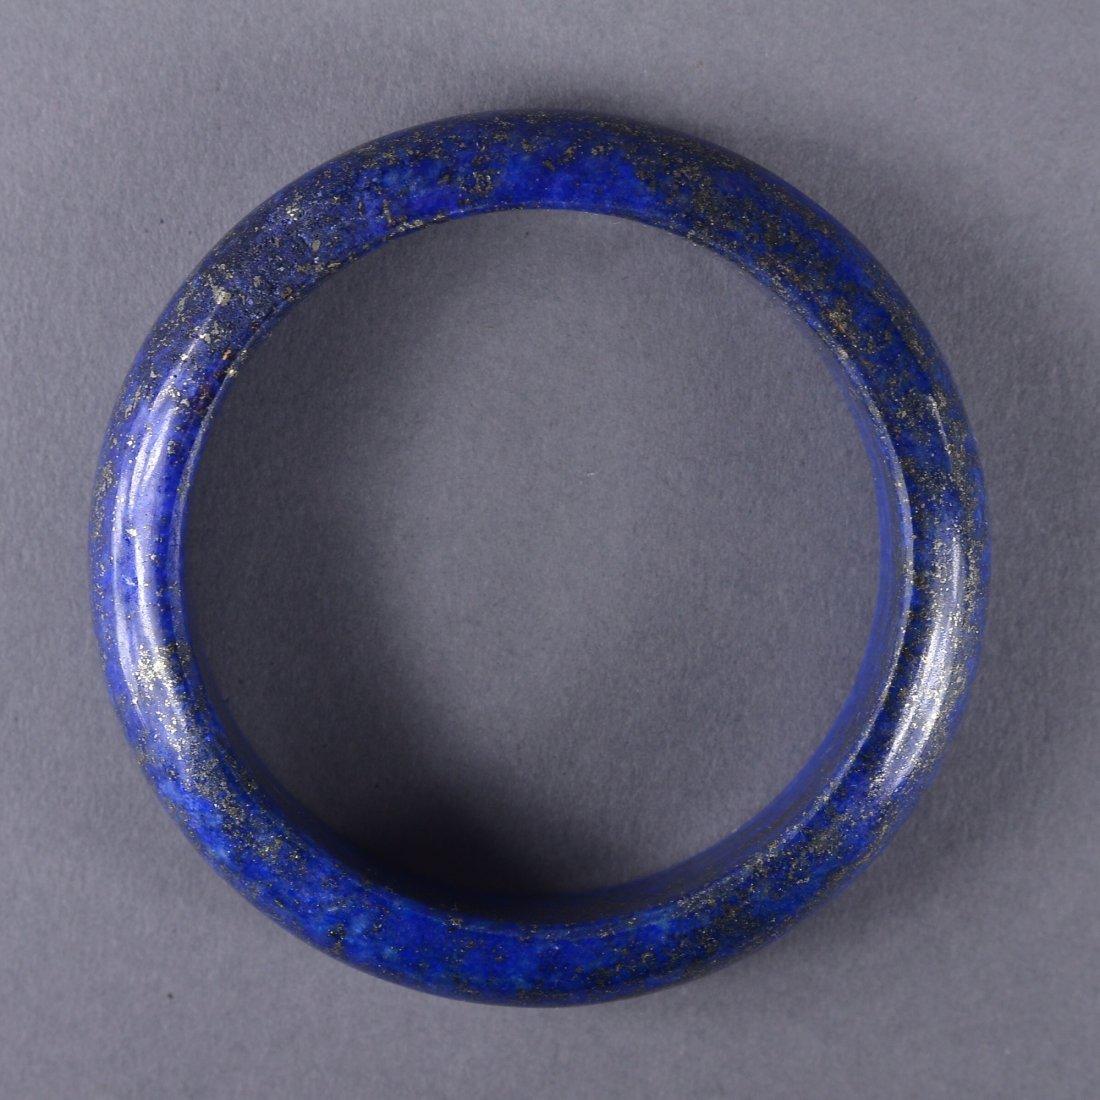 116: Chinese Carved Lapis Lazuli Bangle